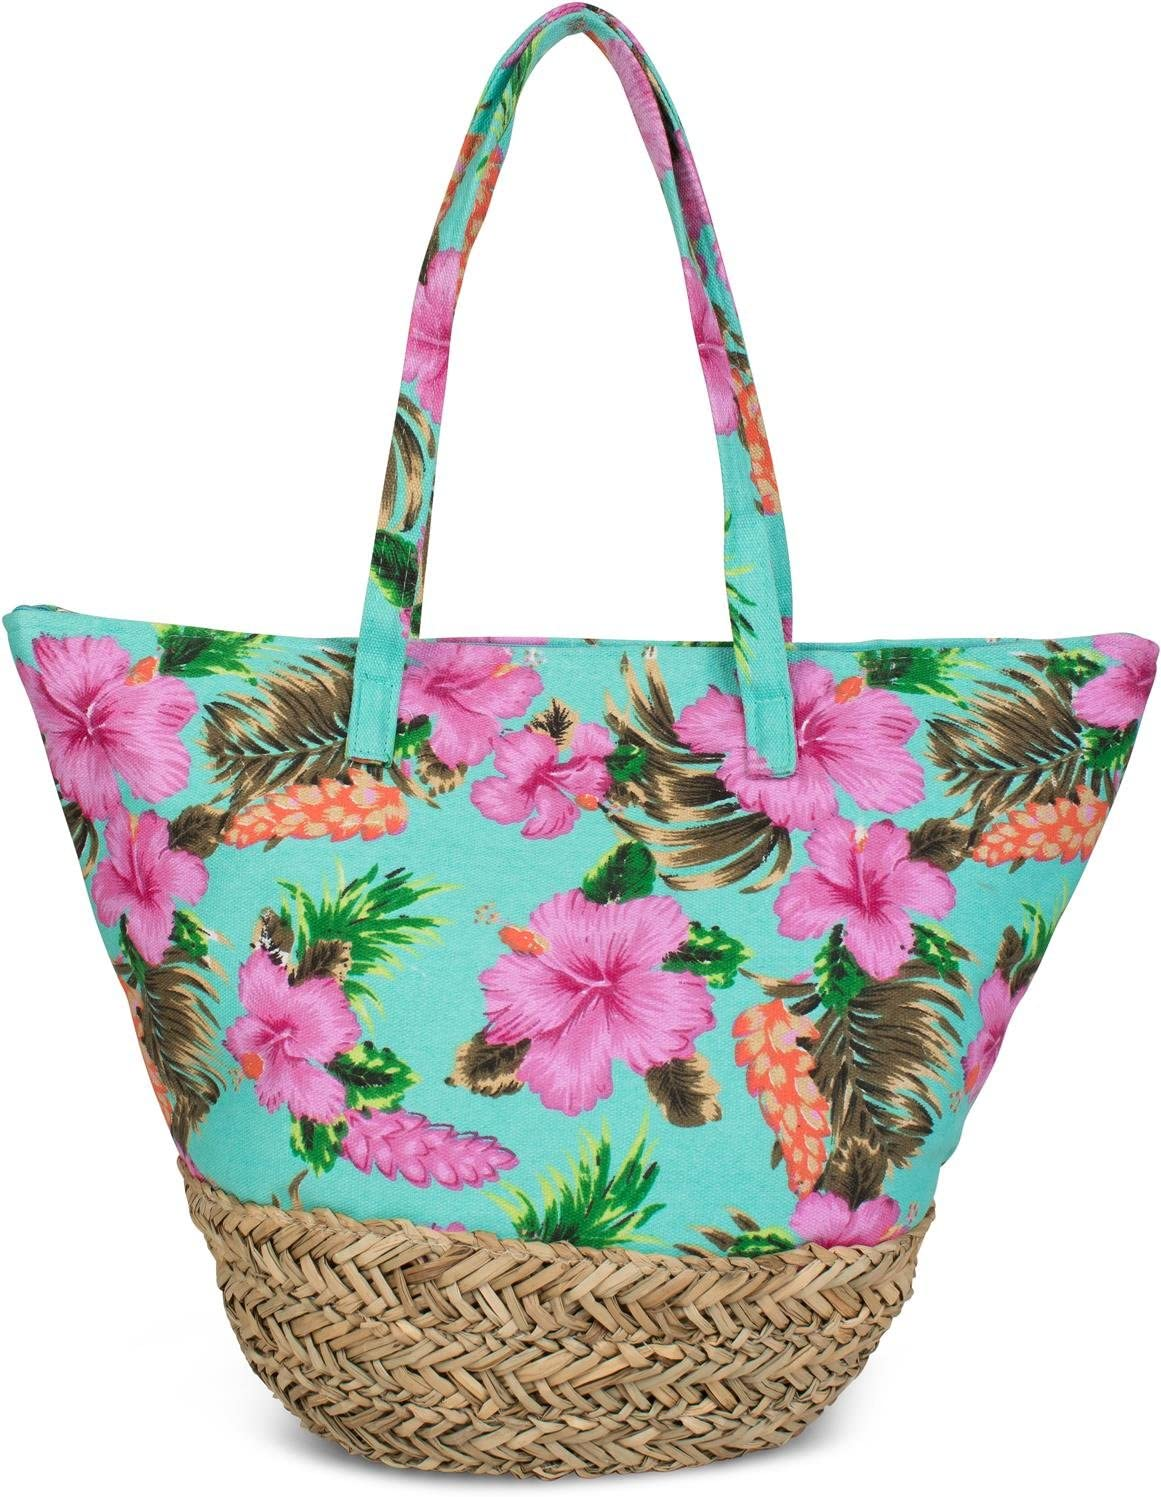 styleBREAKER Bolso para la Playa con un Colorido Estampado de hibiscos, Rafia en la Base y Cremallera, Bolso de Hombro, Bolso de Tipo «Shopper», señora 02012233, Color:Turquesa